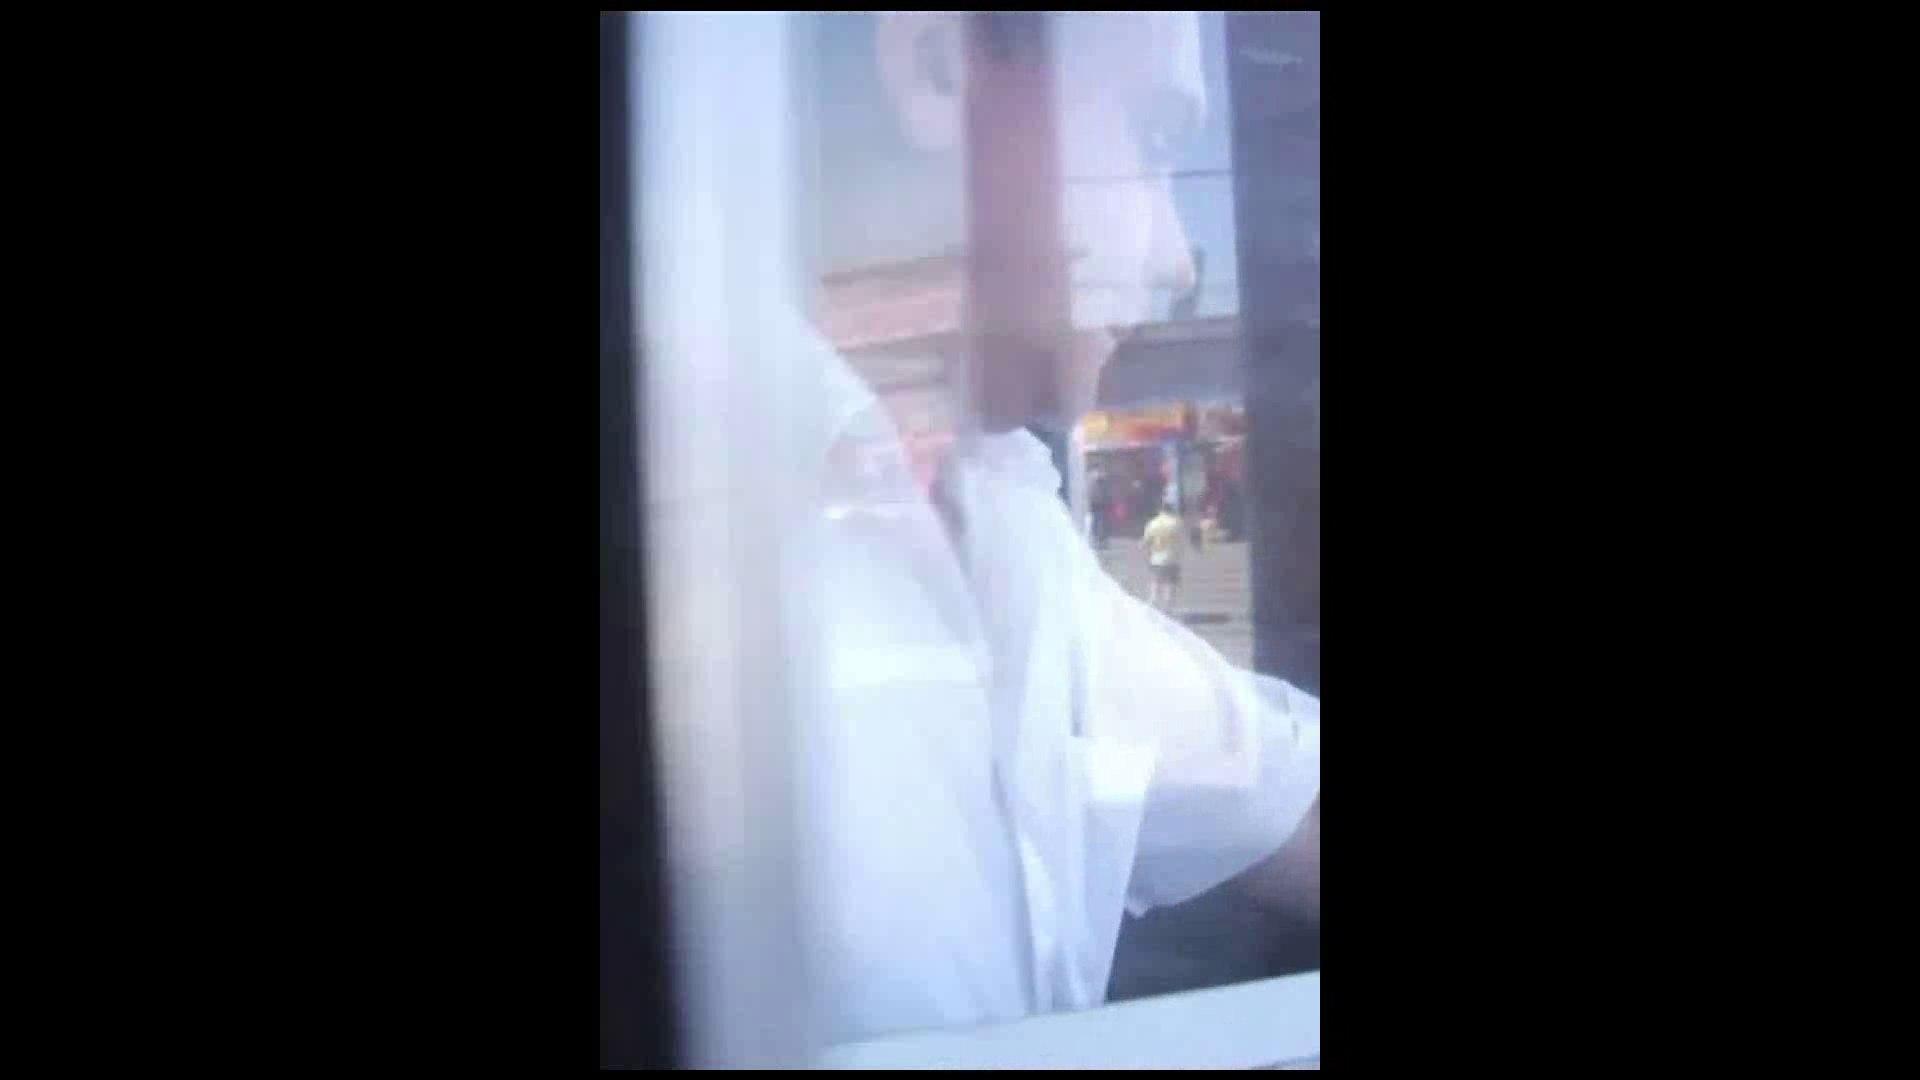 綺麗なモデルさんのスカート捲っちゃおう‼vol03 Hなお姉さん   HなOL  87pic 70